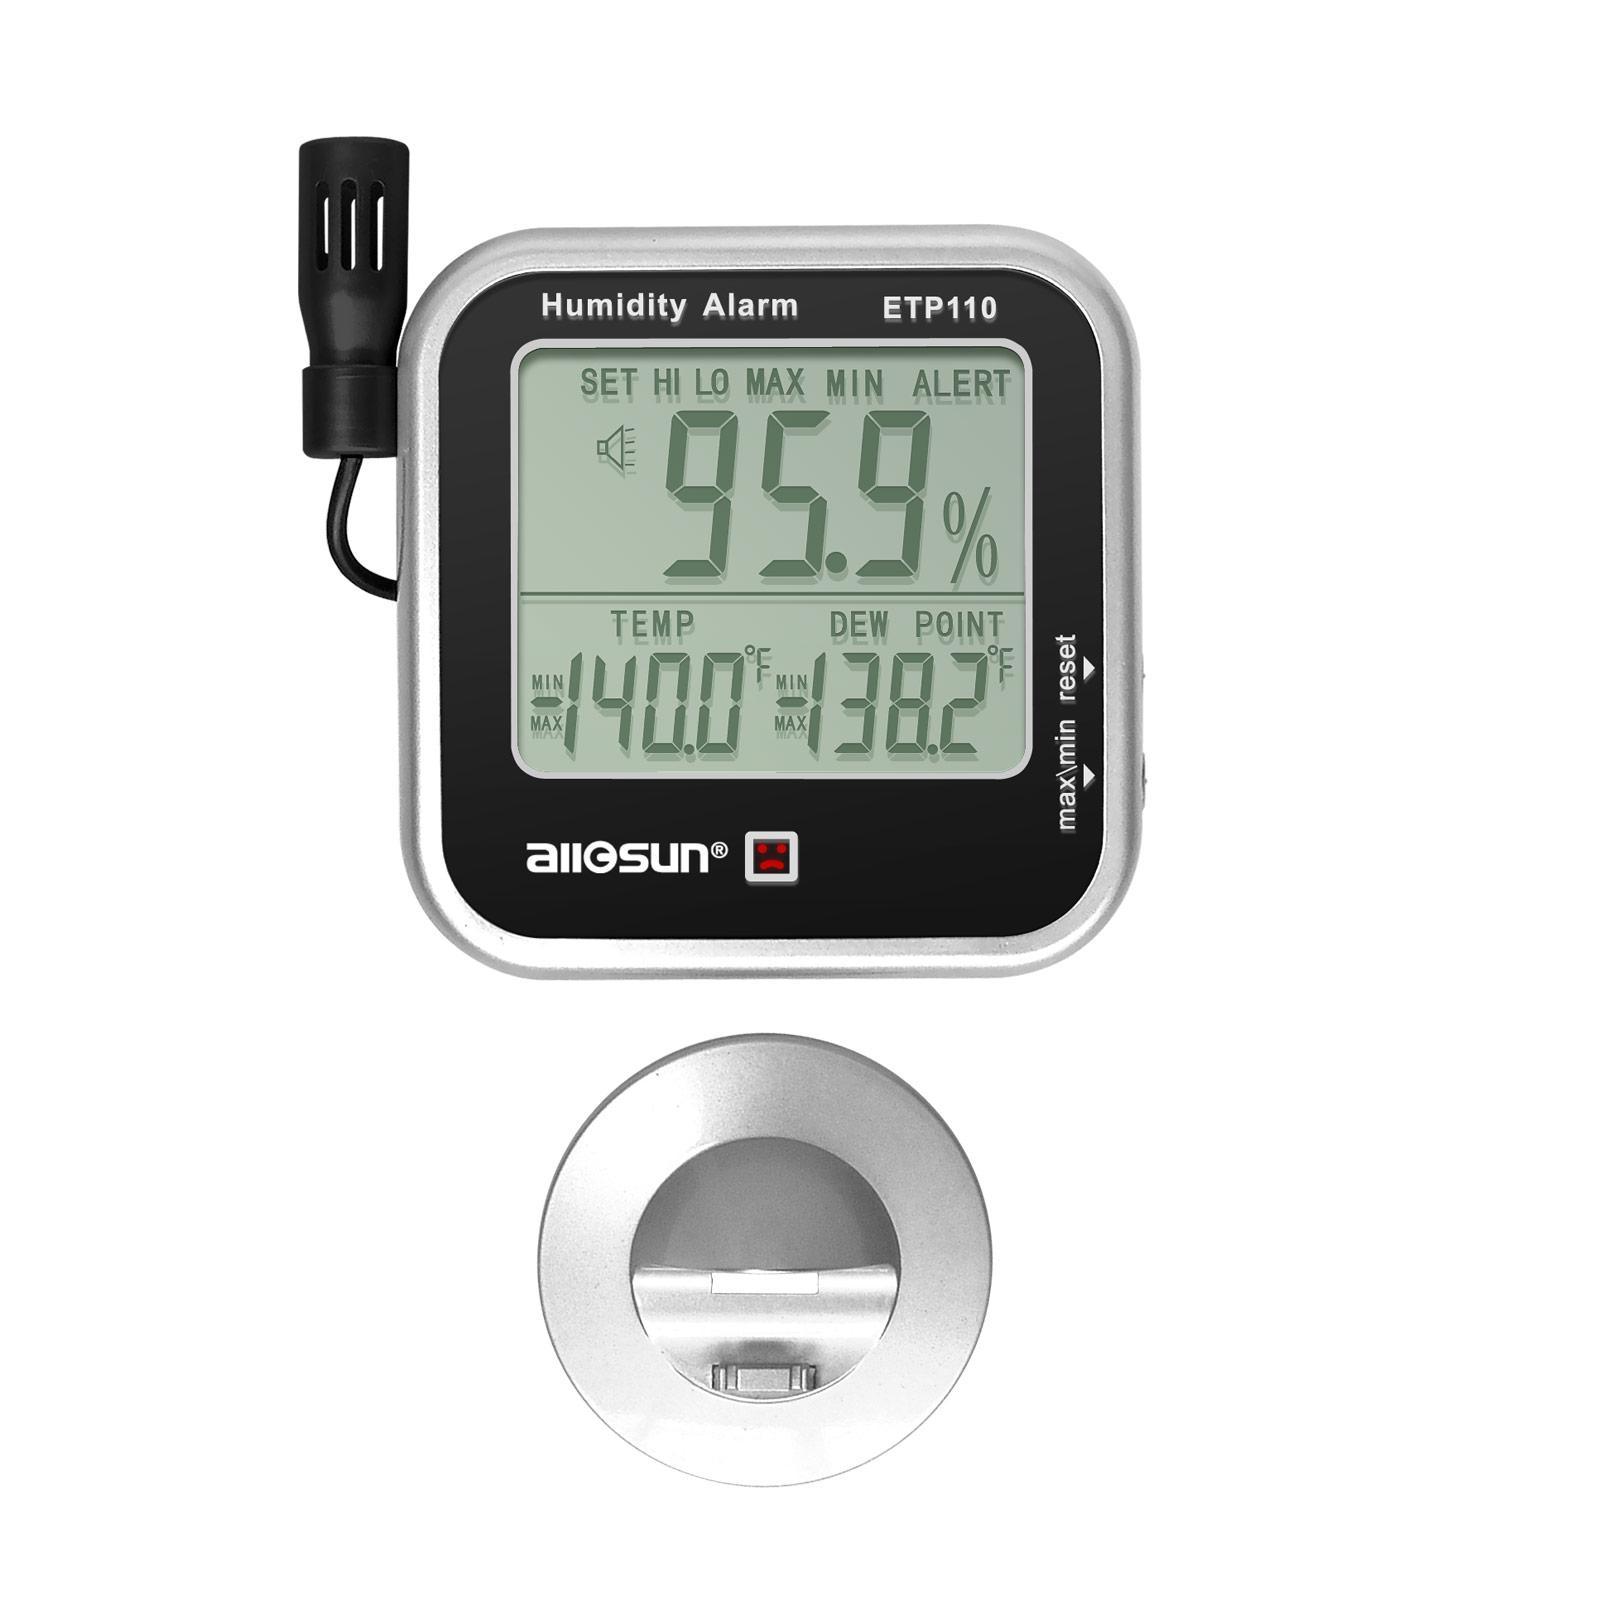 디지털 실내 열 습도계 습도 및 온도 모니터 알람 대형 LCD 디스플레이 이슬점 테스터 모든 Sun ETP110